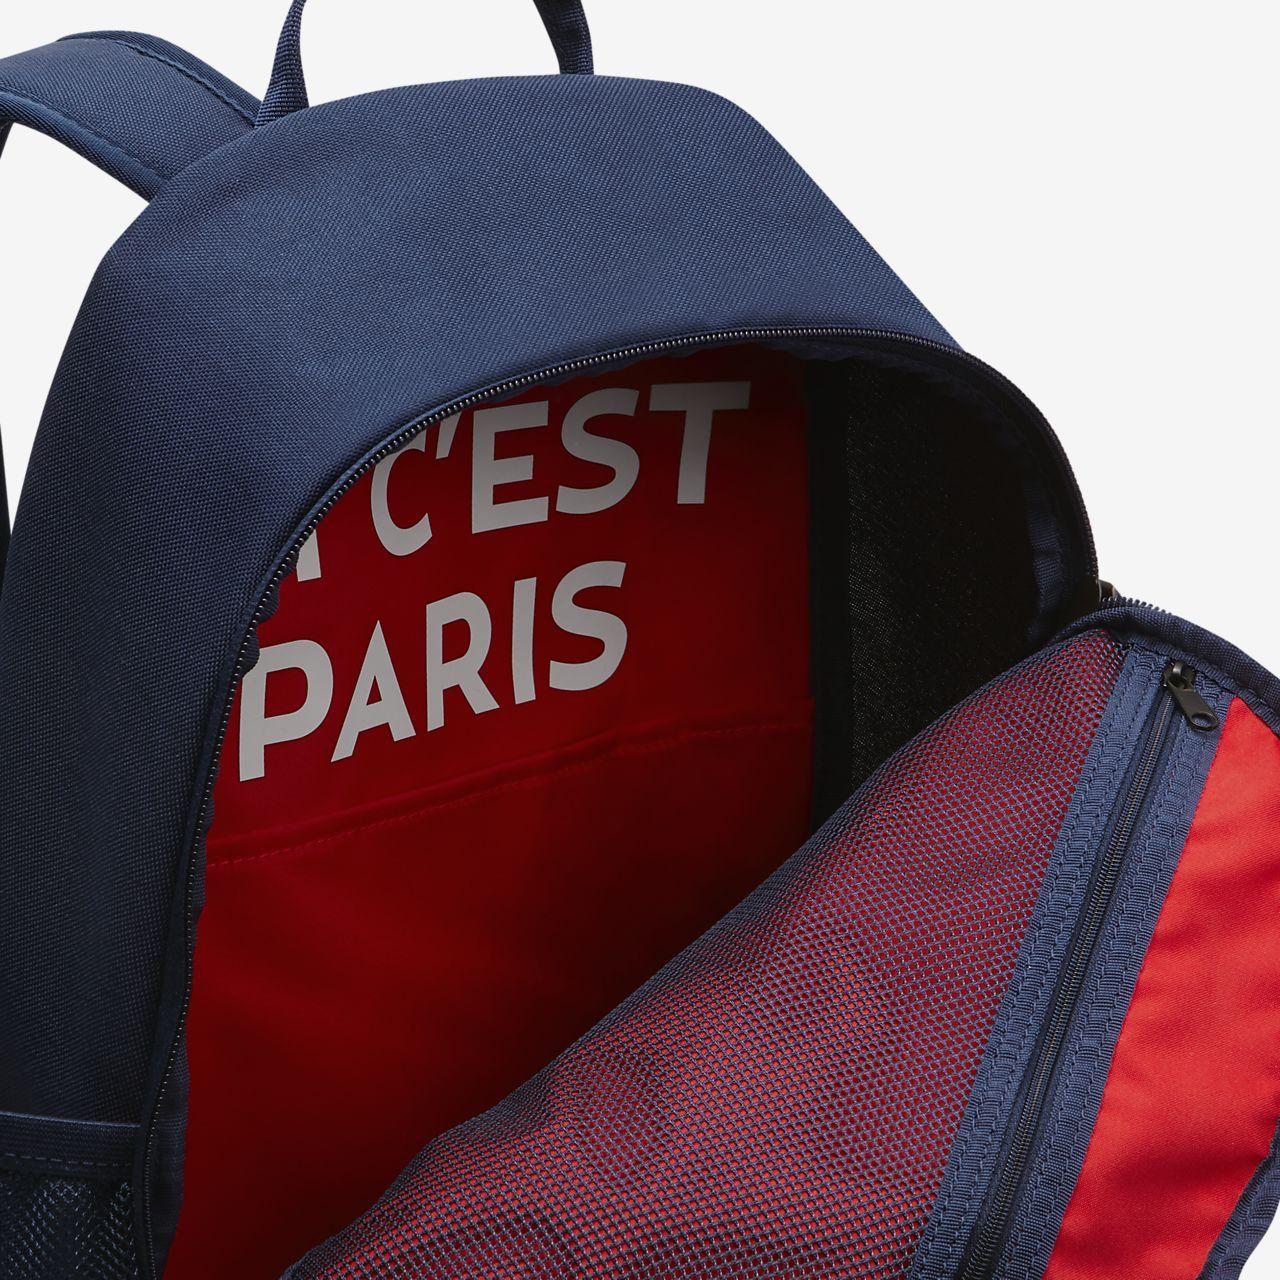 Paris À Football Germain Saint StadiumFr Dos Sac De vm0nw8N